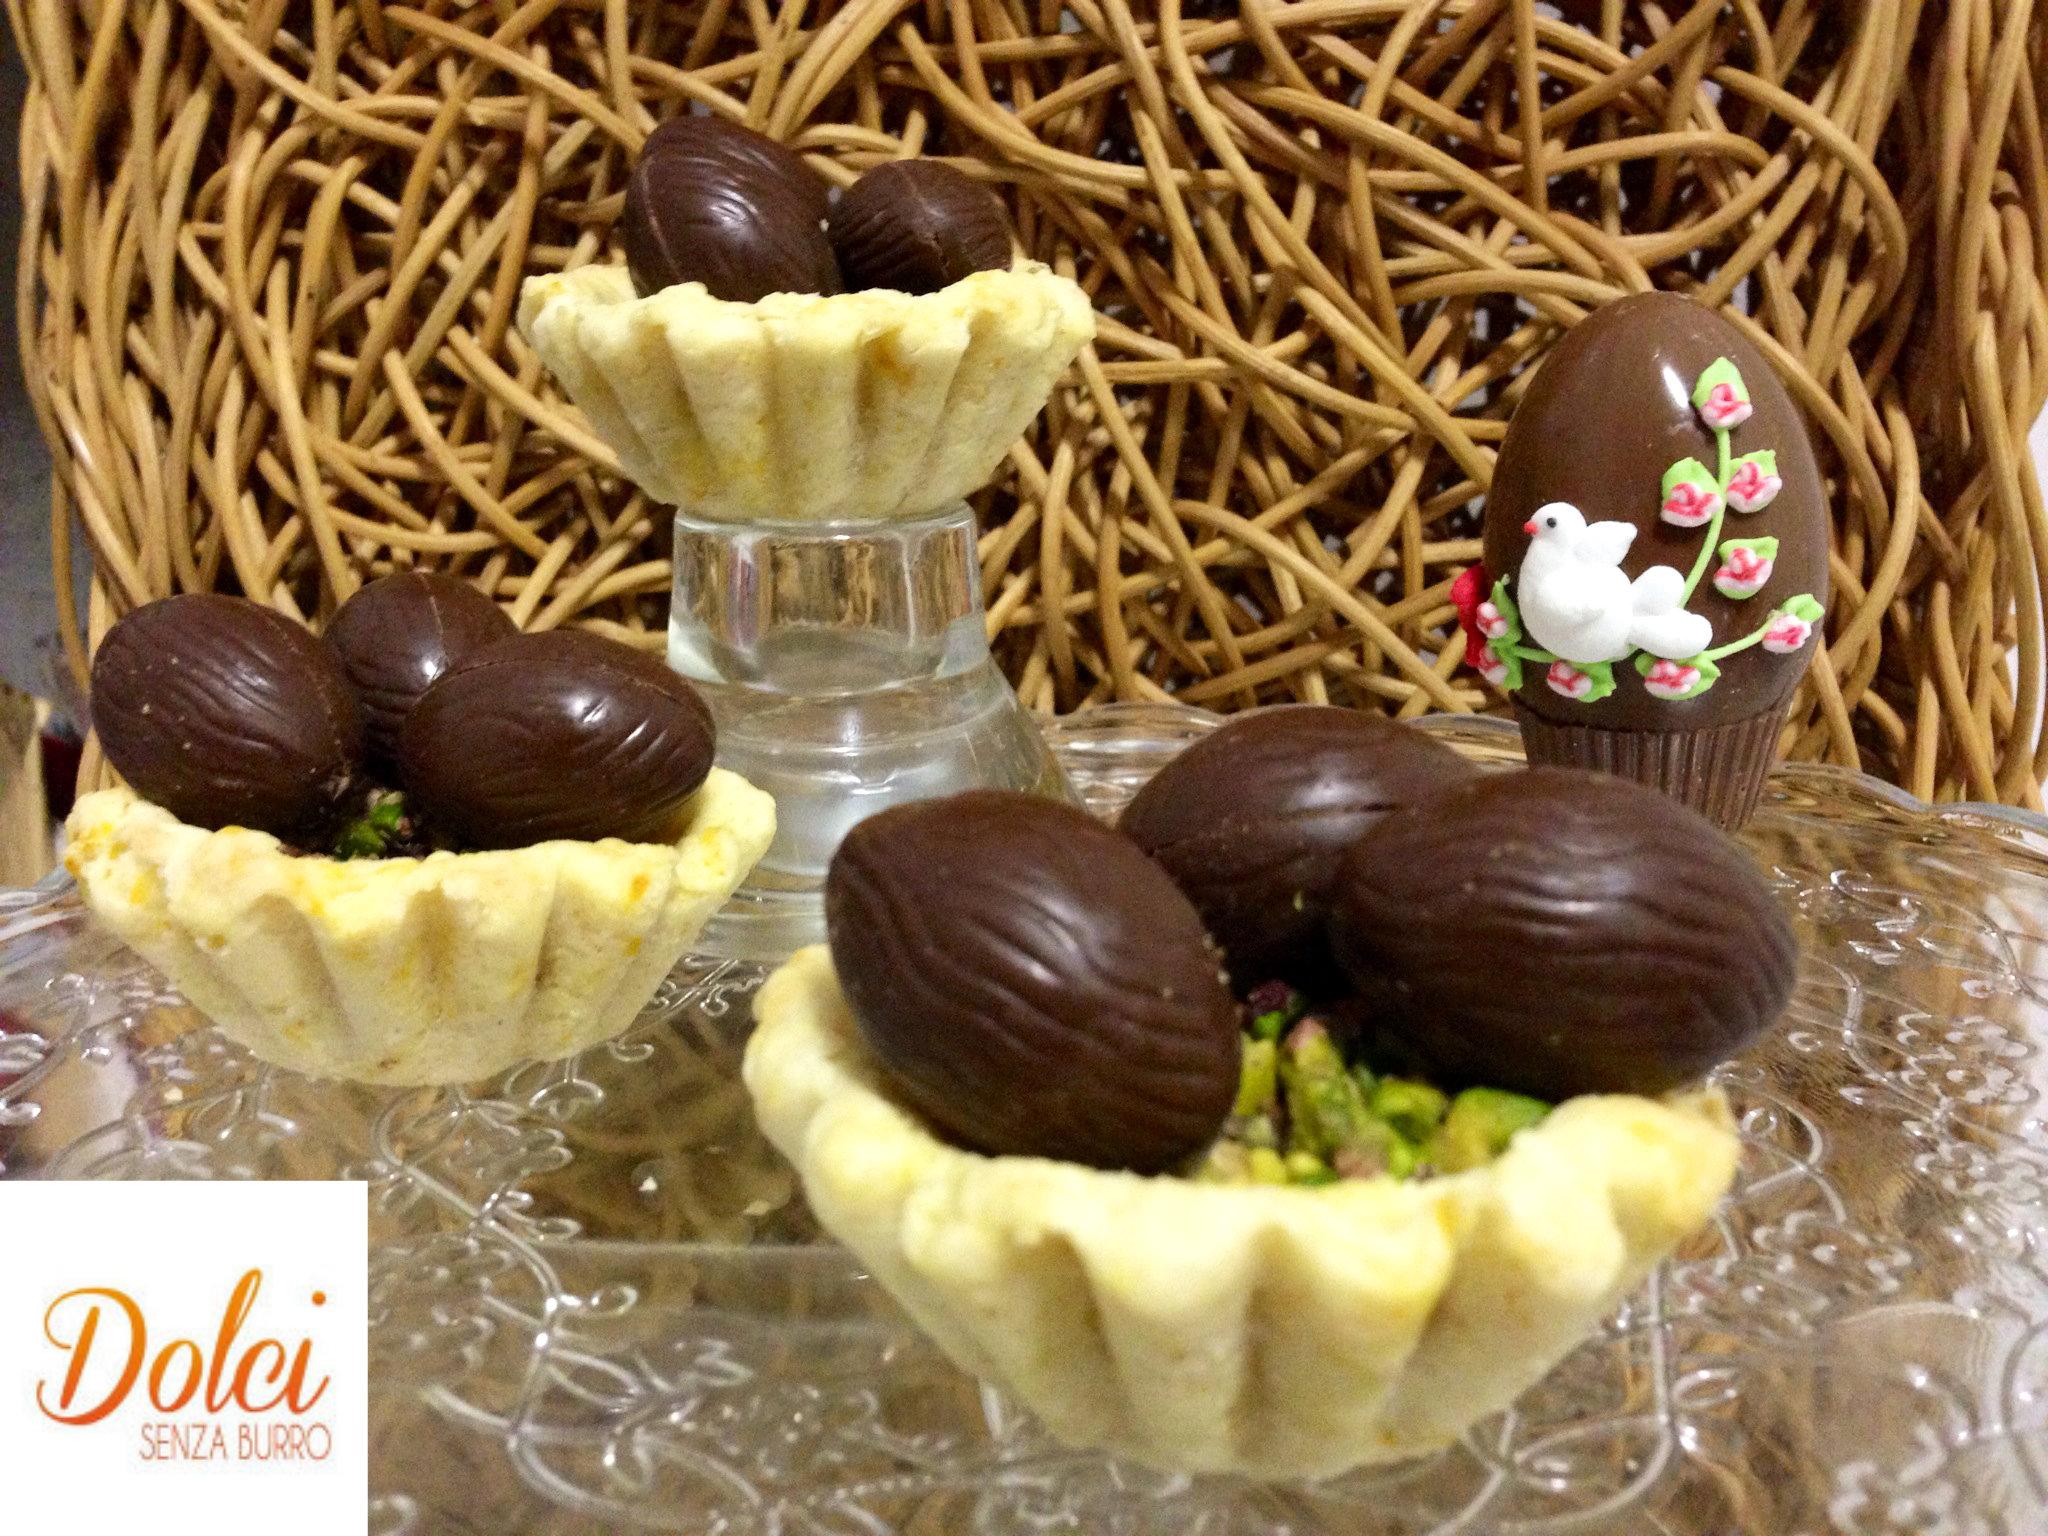 Cestini Dolci Senza Burro con Uova di Pasqua, il dolce di pasqua goloso di Dolci Senza Burro